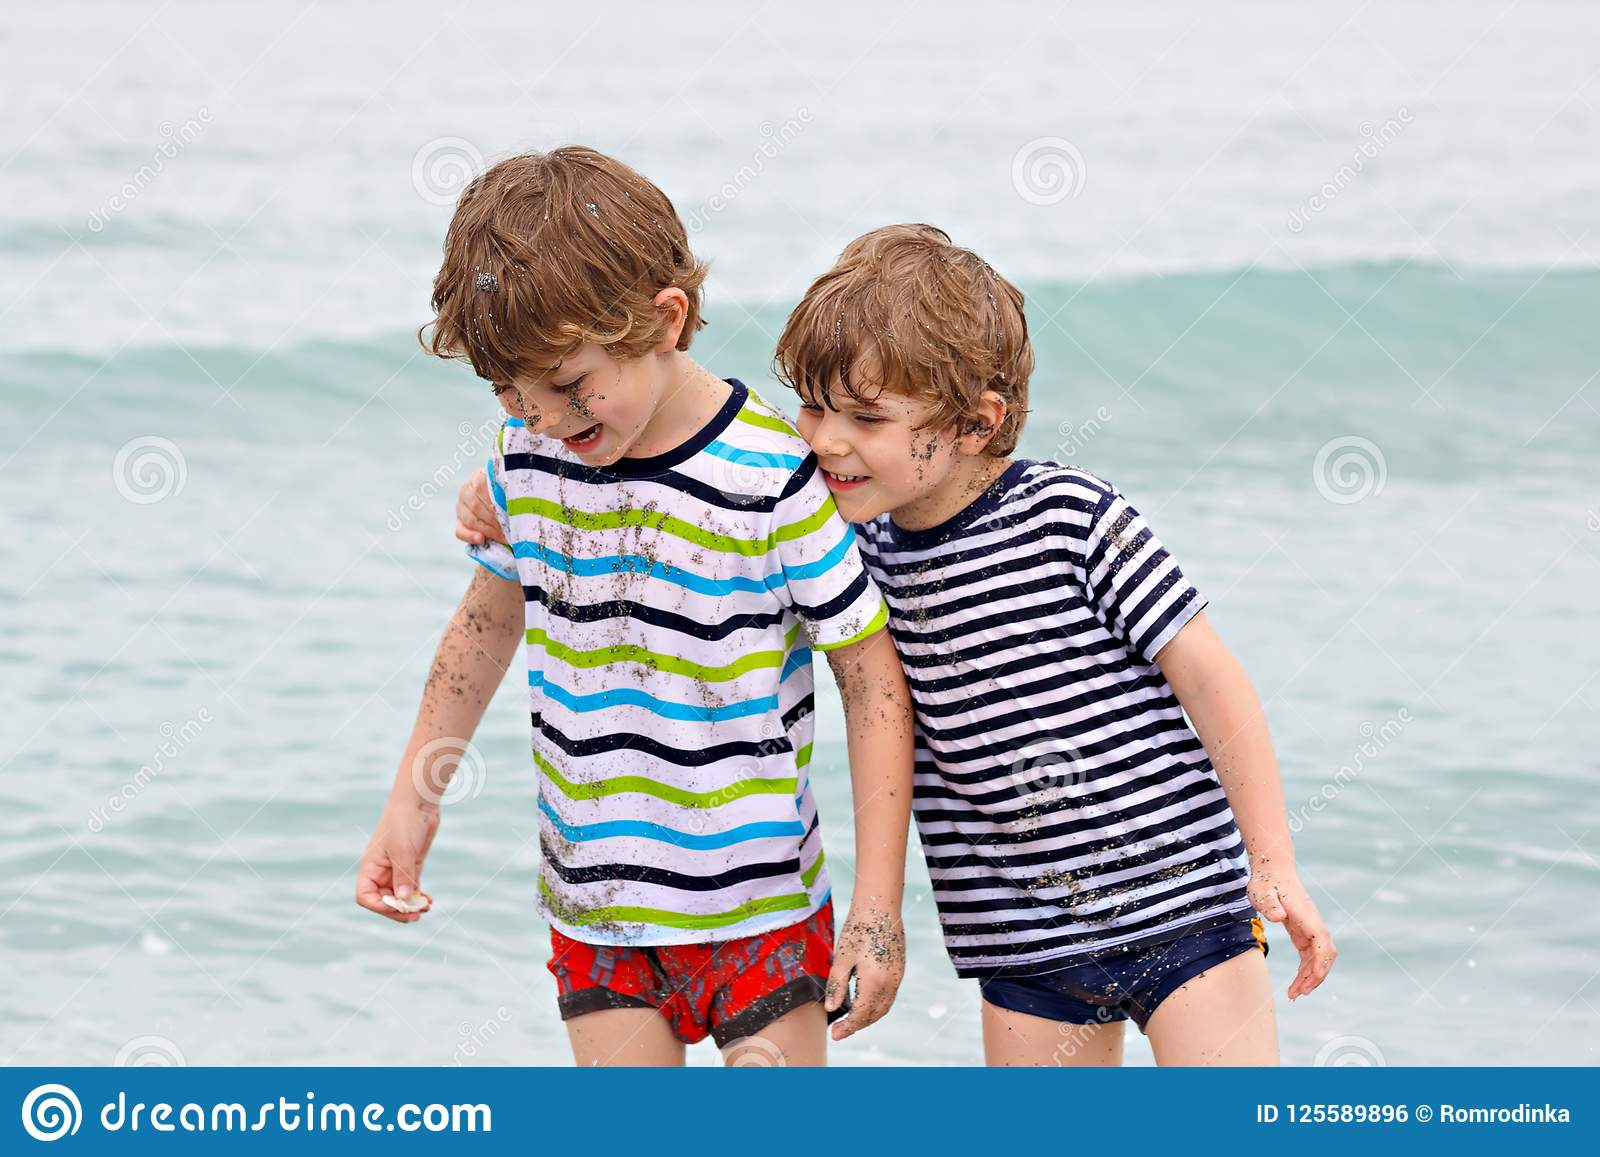 跑在海滩的两个愉快的小孩男孩海洋 滑稽儿童、兄弟姐妹、孪生和最好的朋友做